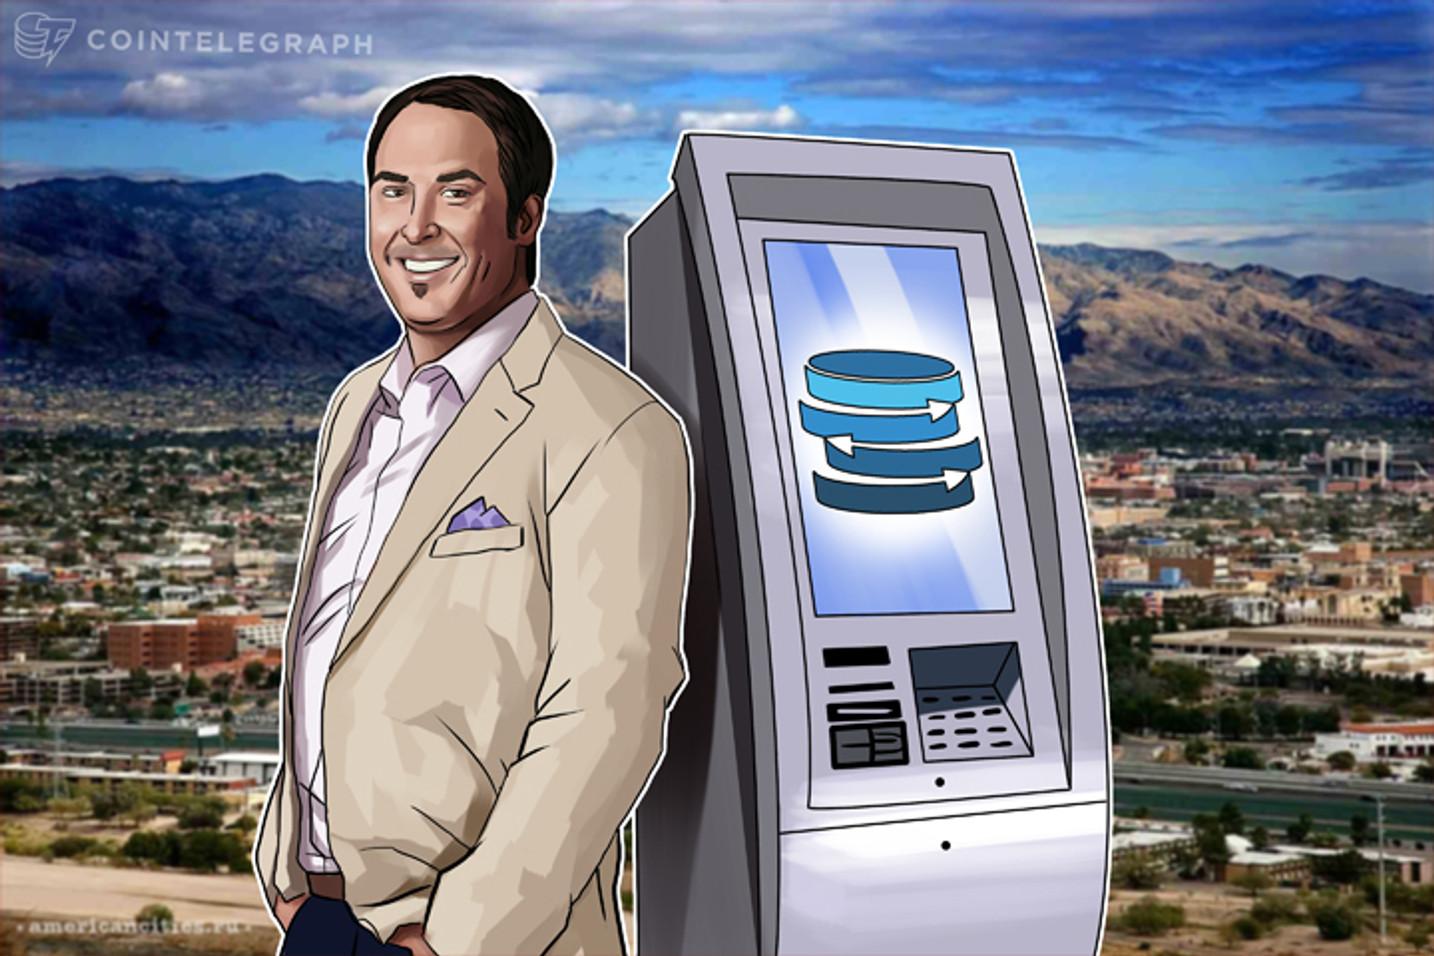 O Bitcoin Ganha em Popularidade no Arizona Enquanto a Rede Americana de Caixas Eletrônicos Bitcoin Cresce